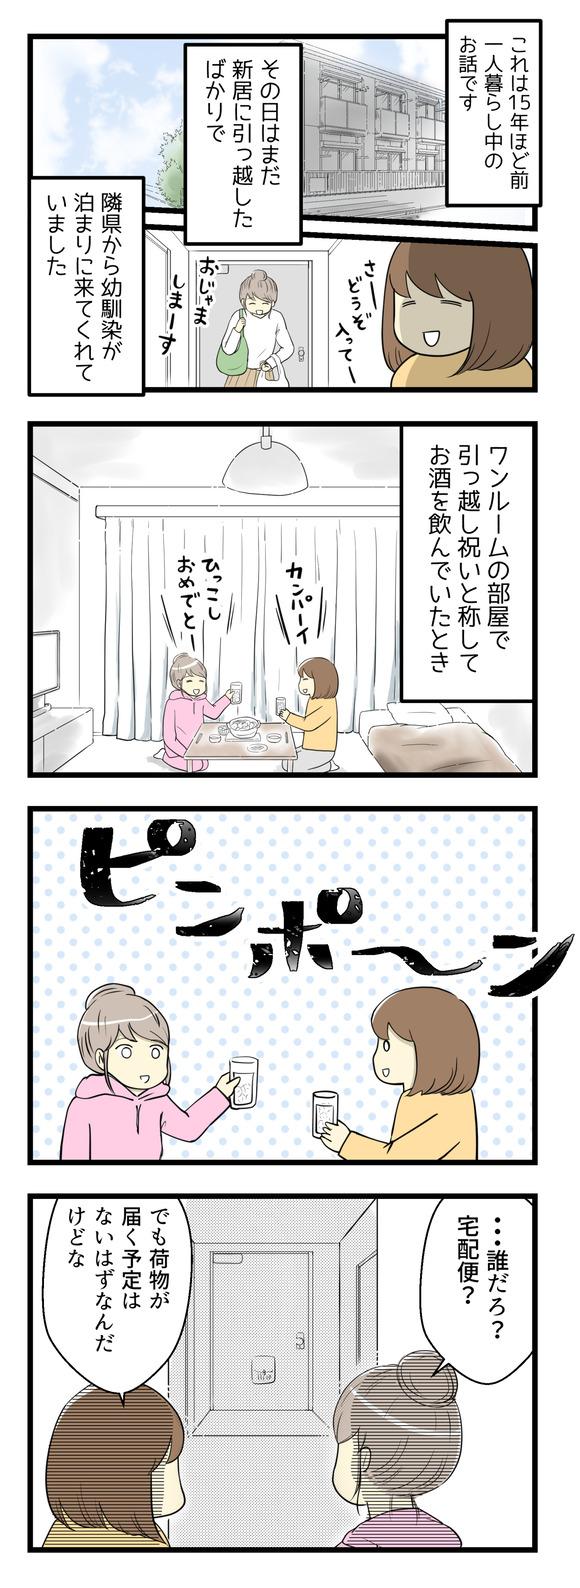 これは15年ほど前、一人暮らし中のお話です。その日はまだ新居に引っ越したばかりで隣県から幼馴染が泊まりに来てくれていました。